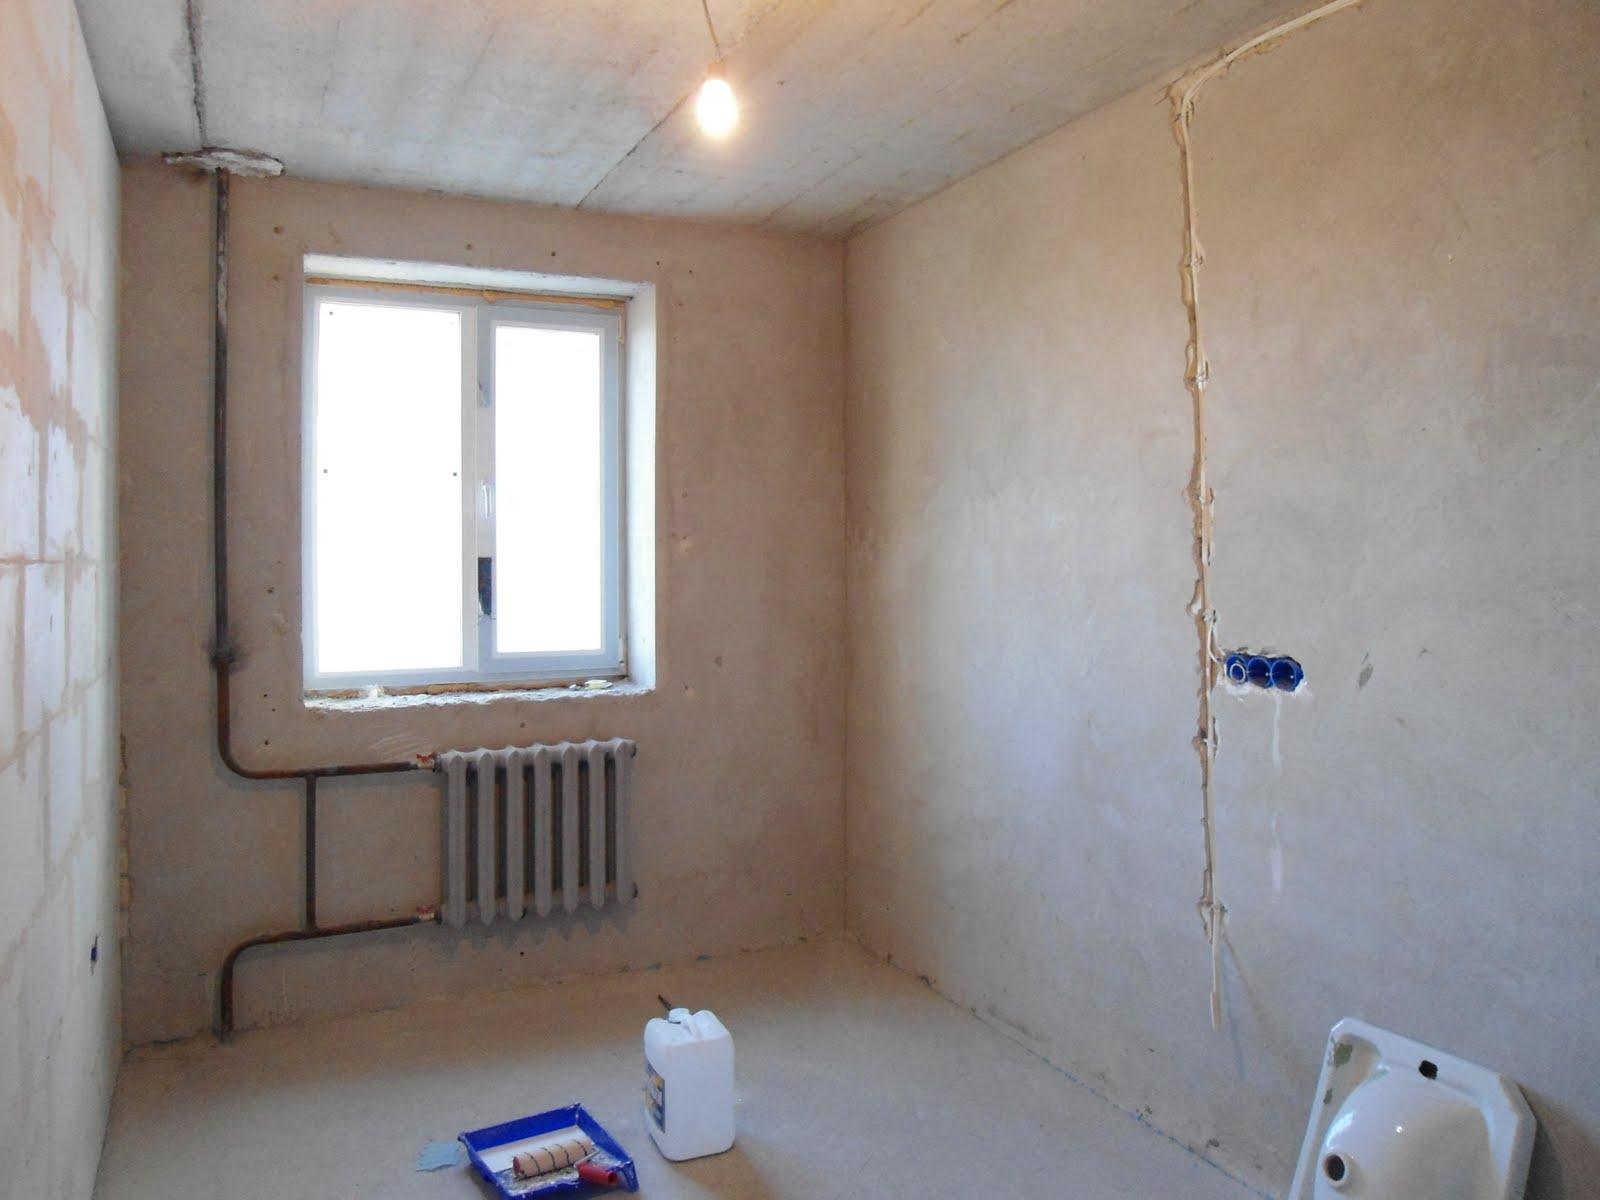 Ремонт в квартире с нуля в новостройке - услуги 23